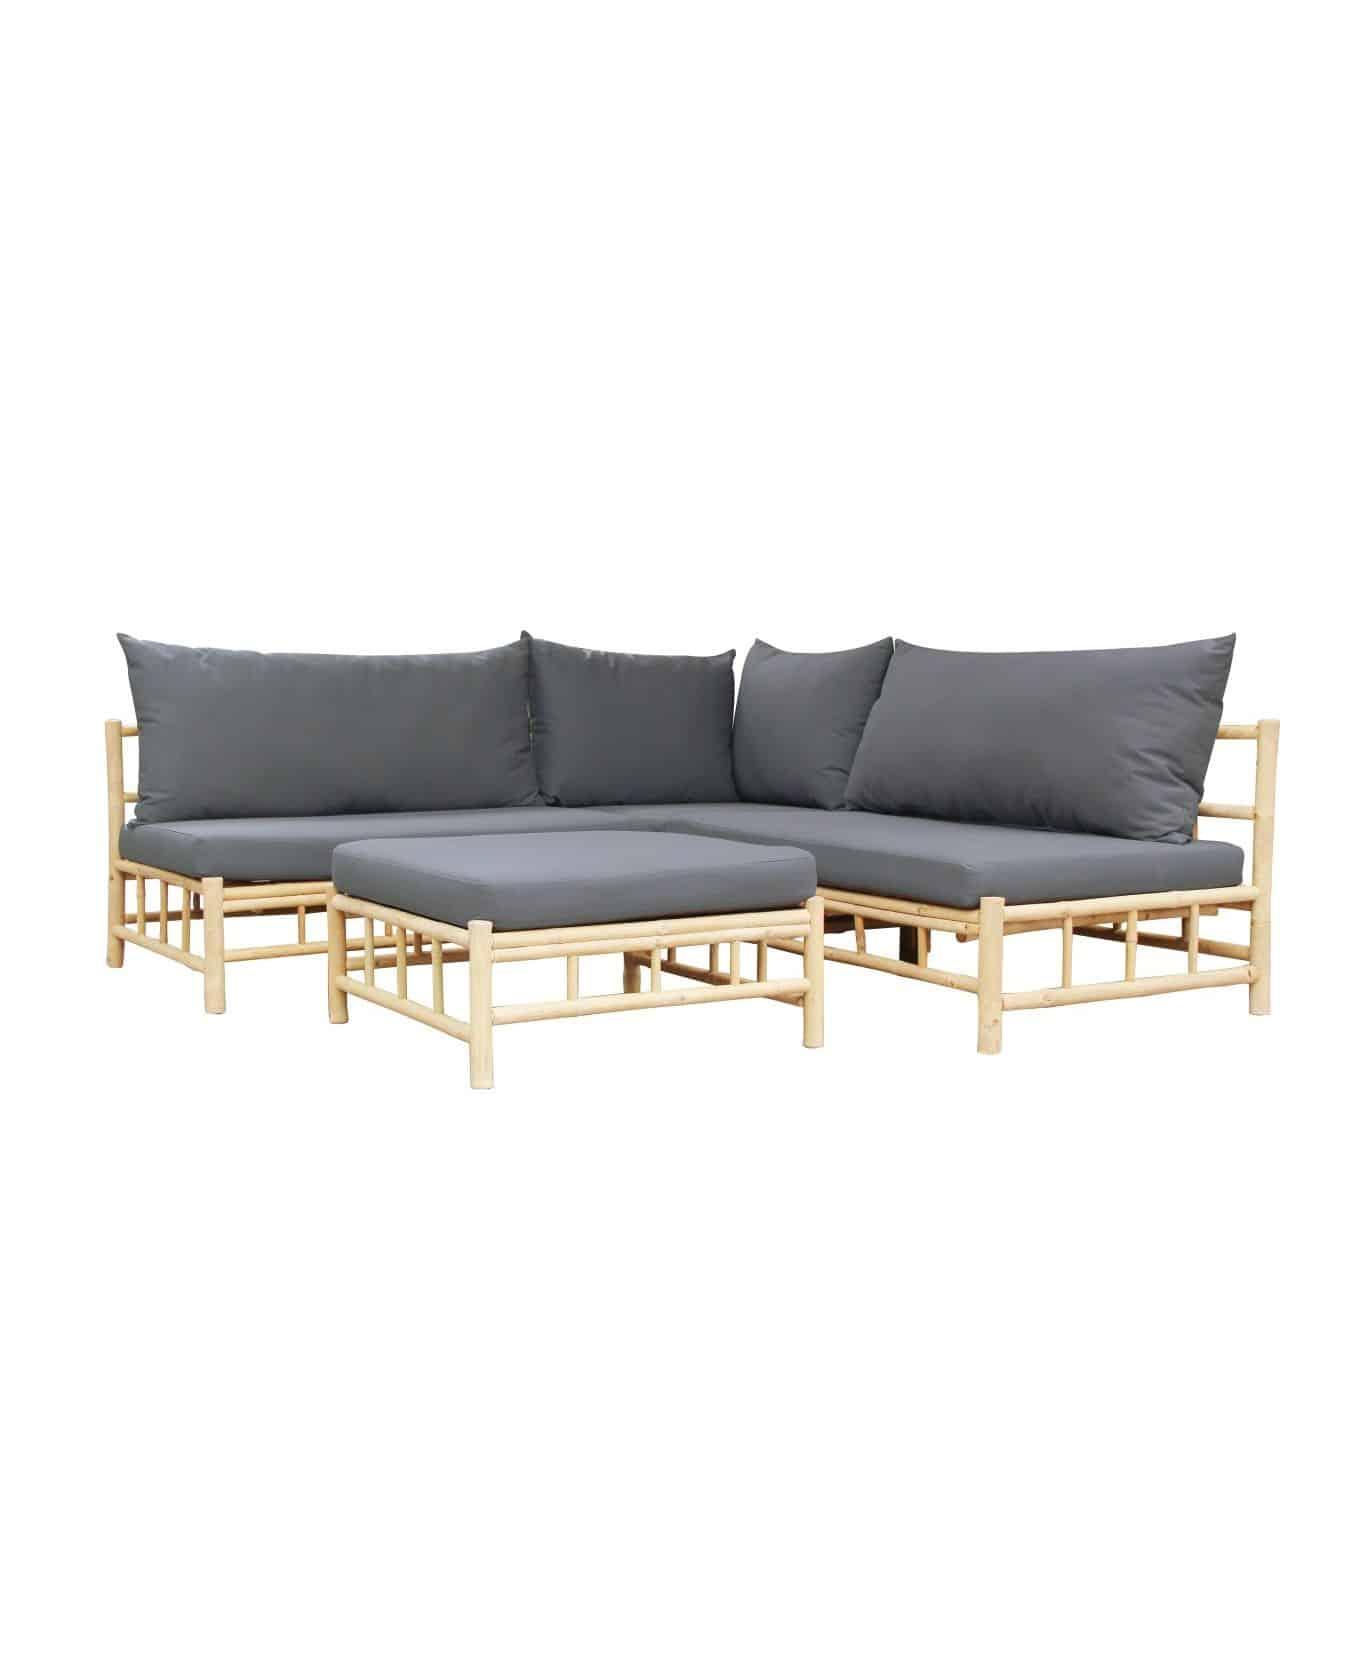 Bamboe tuinset vita chaise longue